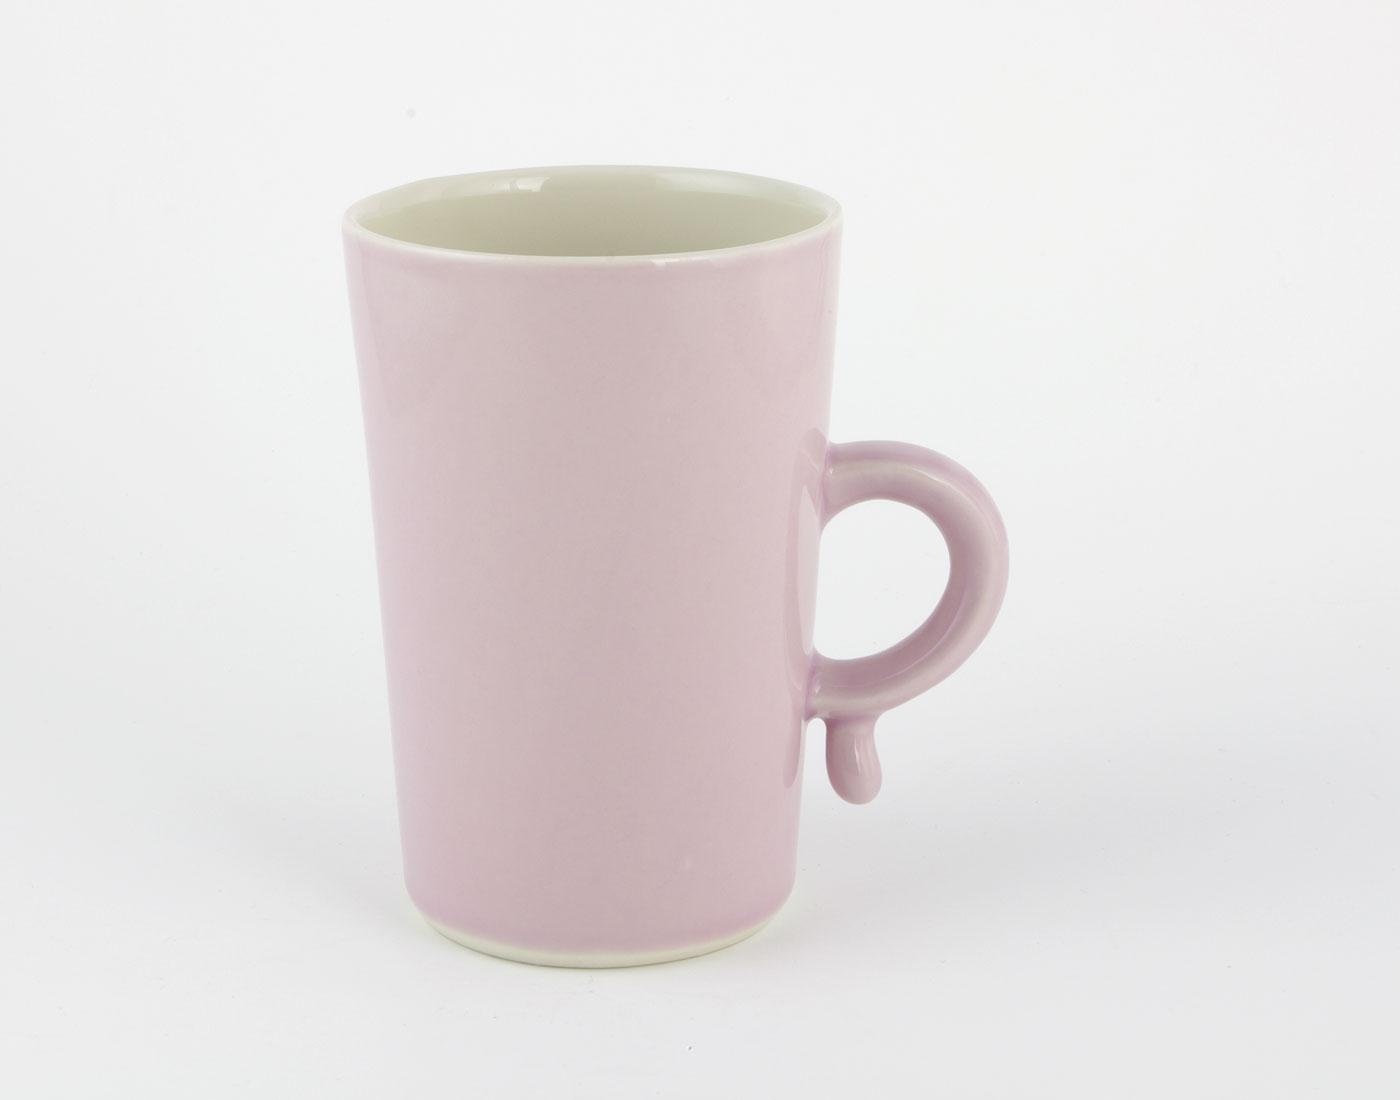 große lila Tasse mit Tropfen